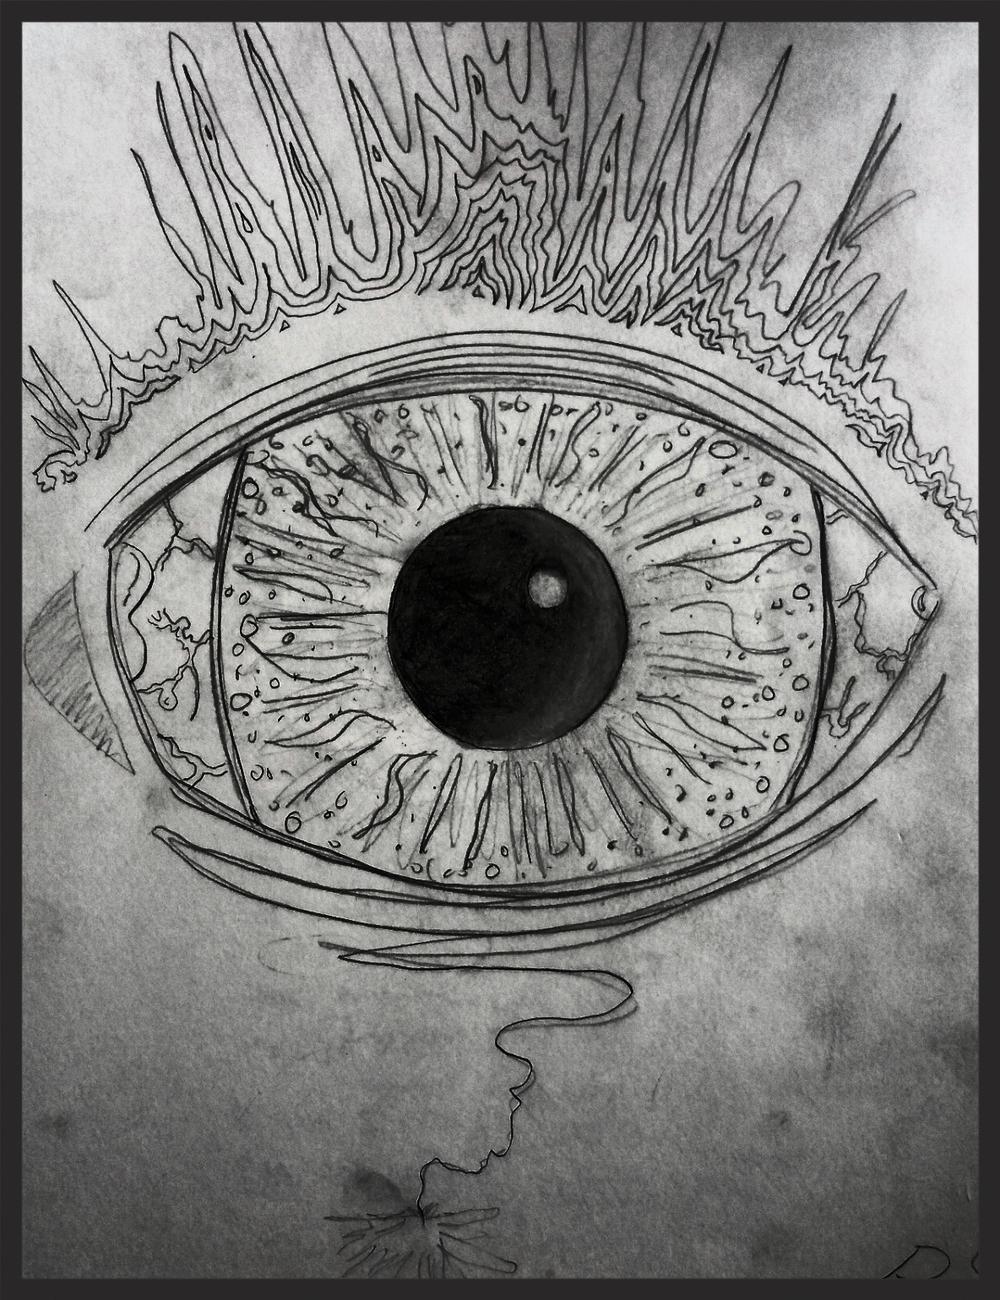 Vision Quest - 2014